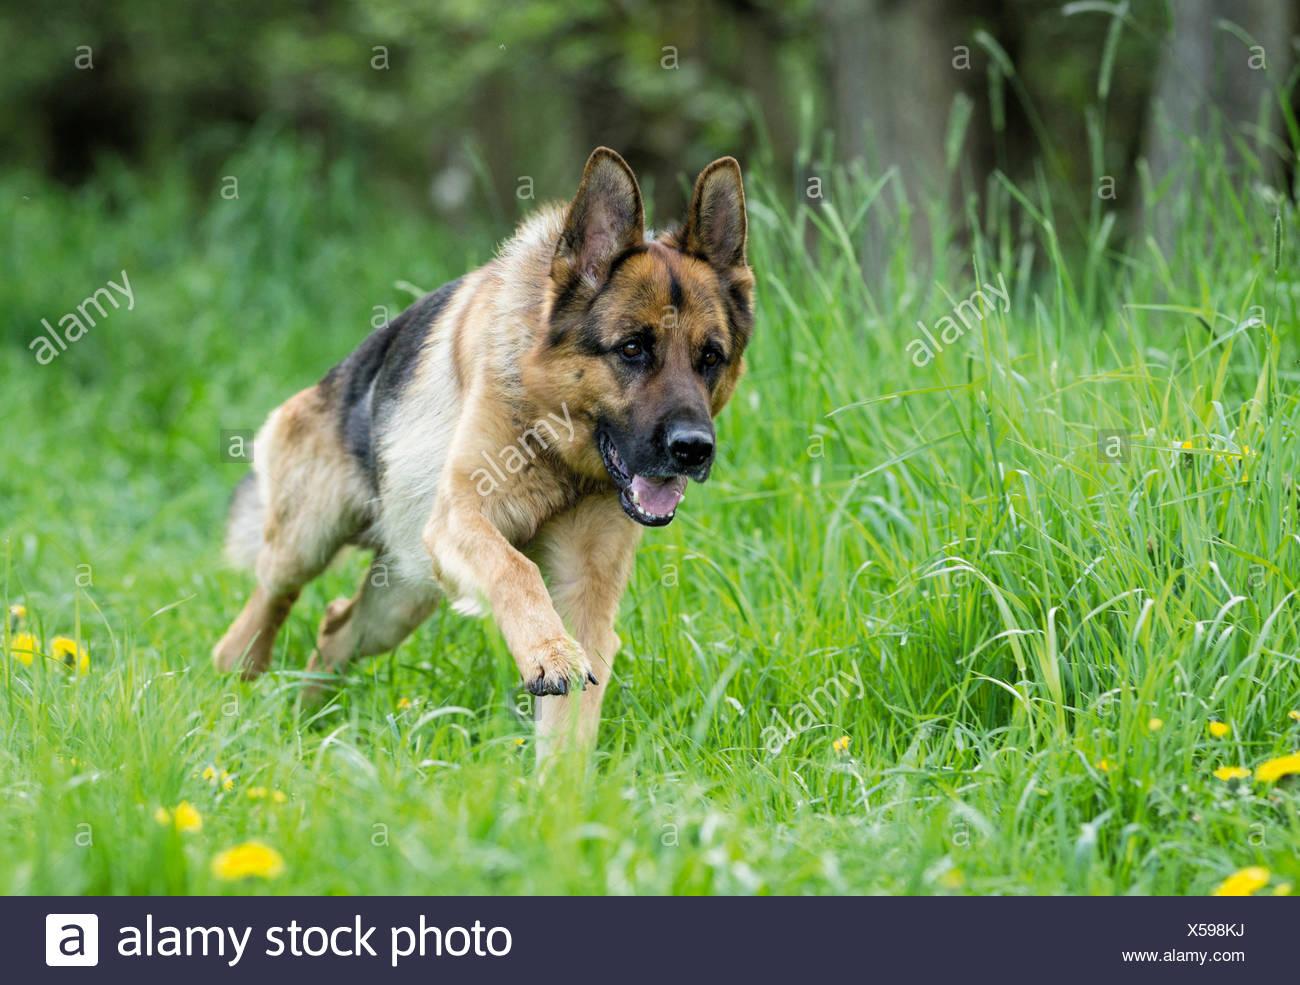 German Shepherd, Alsatian Adult dog running meadow Stock Photo